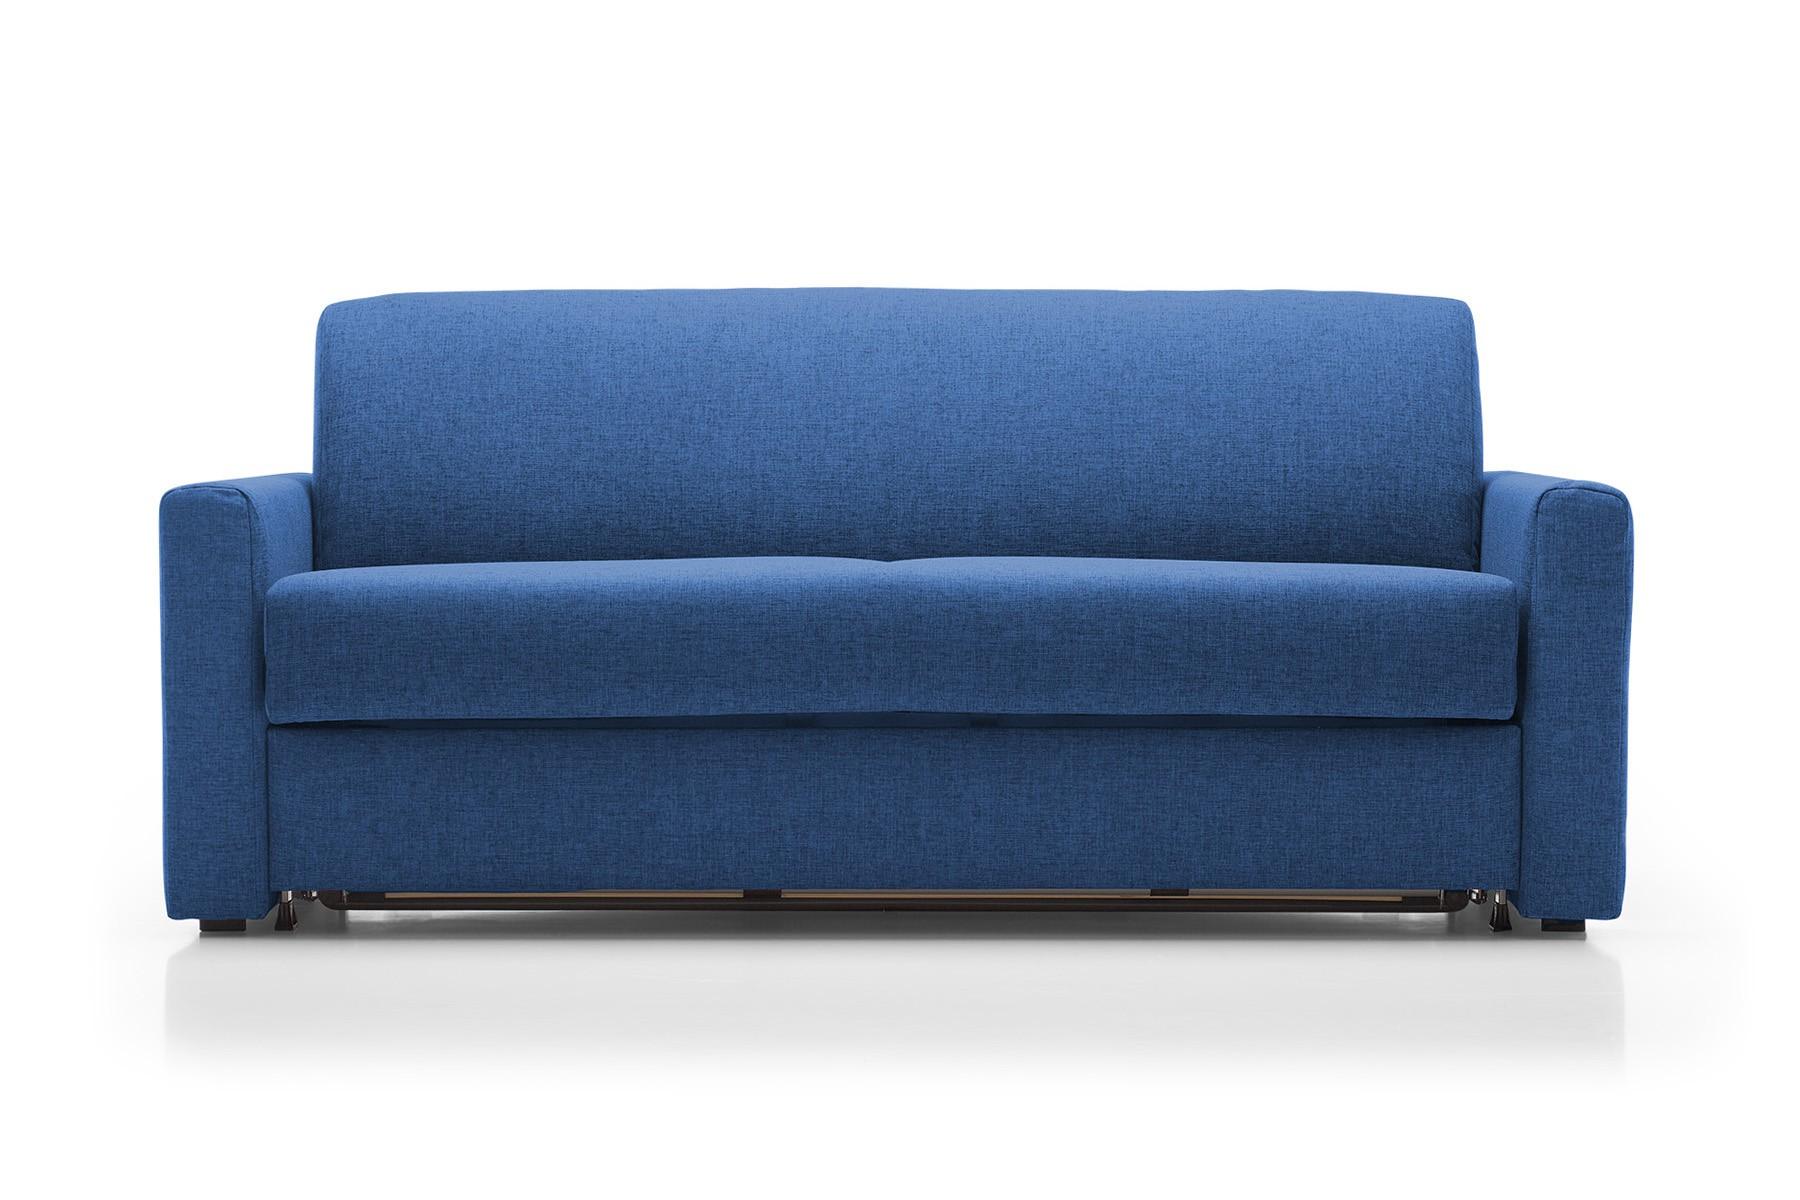 Full Size of Couch Ausklappbar Bett Ausklappbares Wohnzimmer Couch Ausklappbar